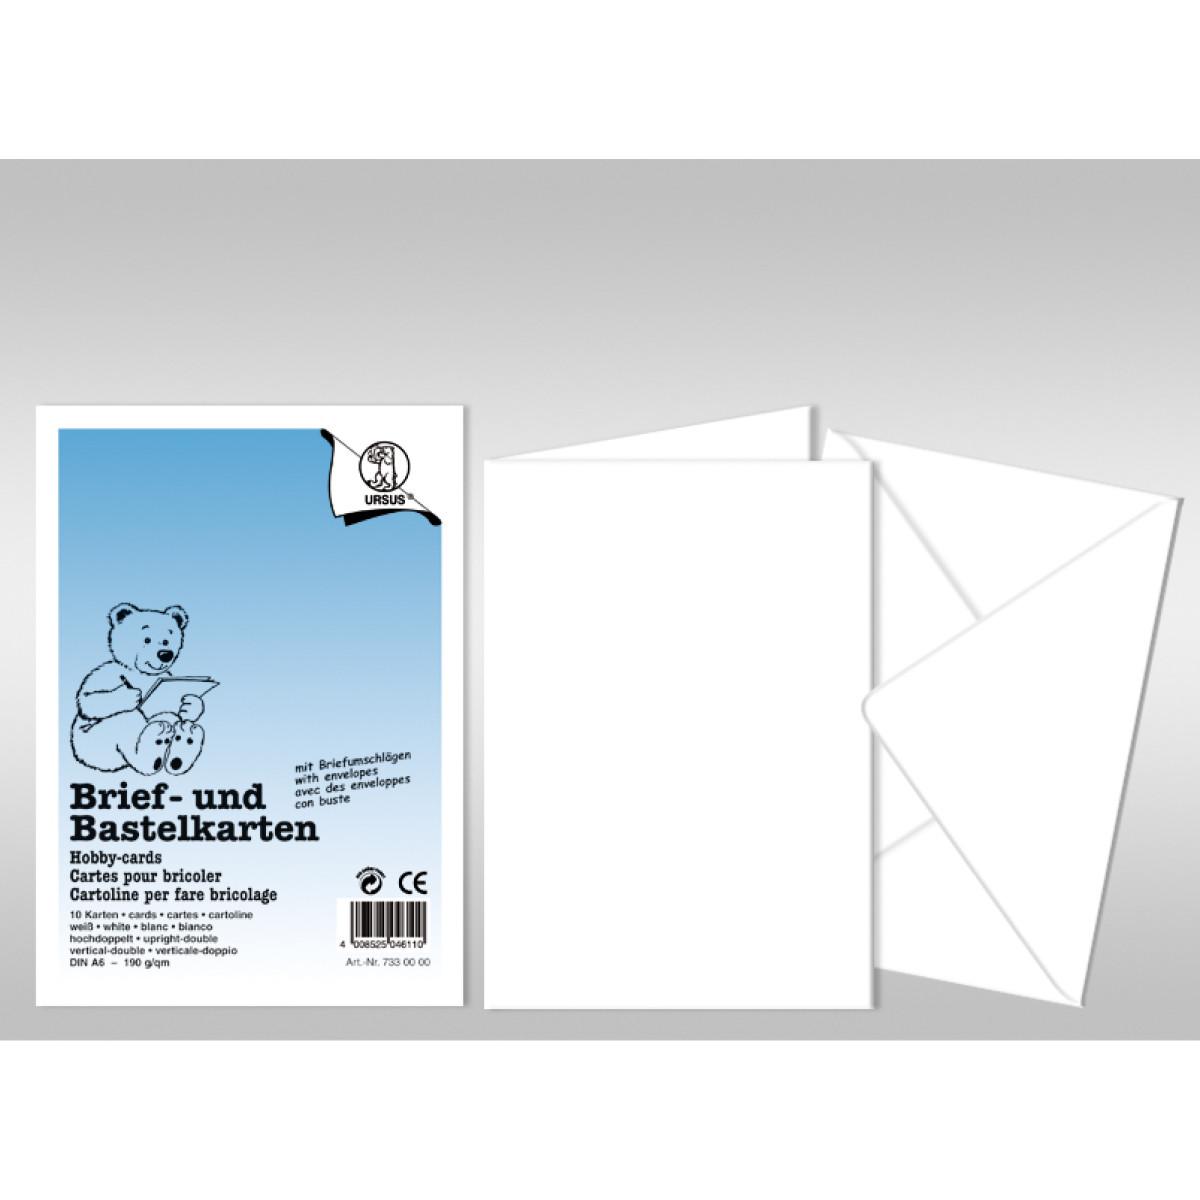 Briefumschlag Dreams Of Paper Din C6 50 Stück Buntpapierwelt